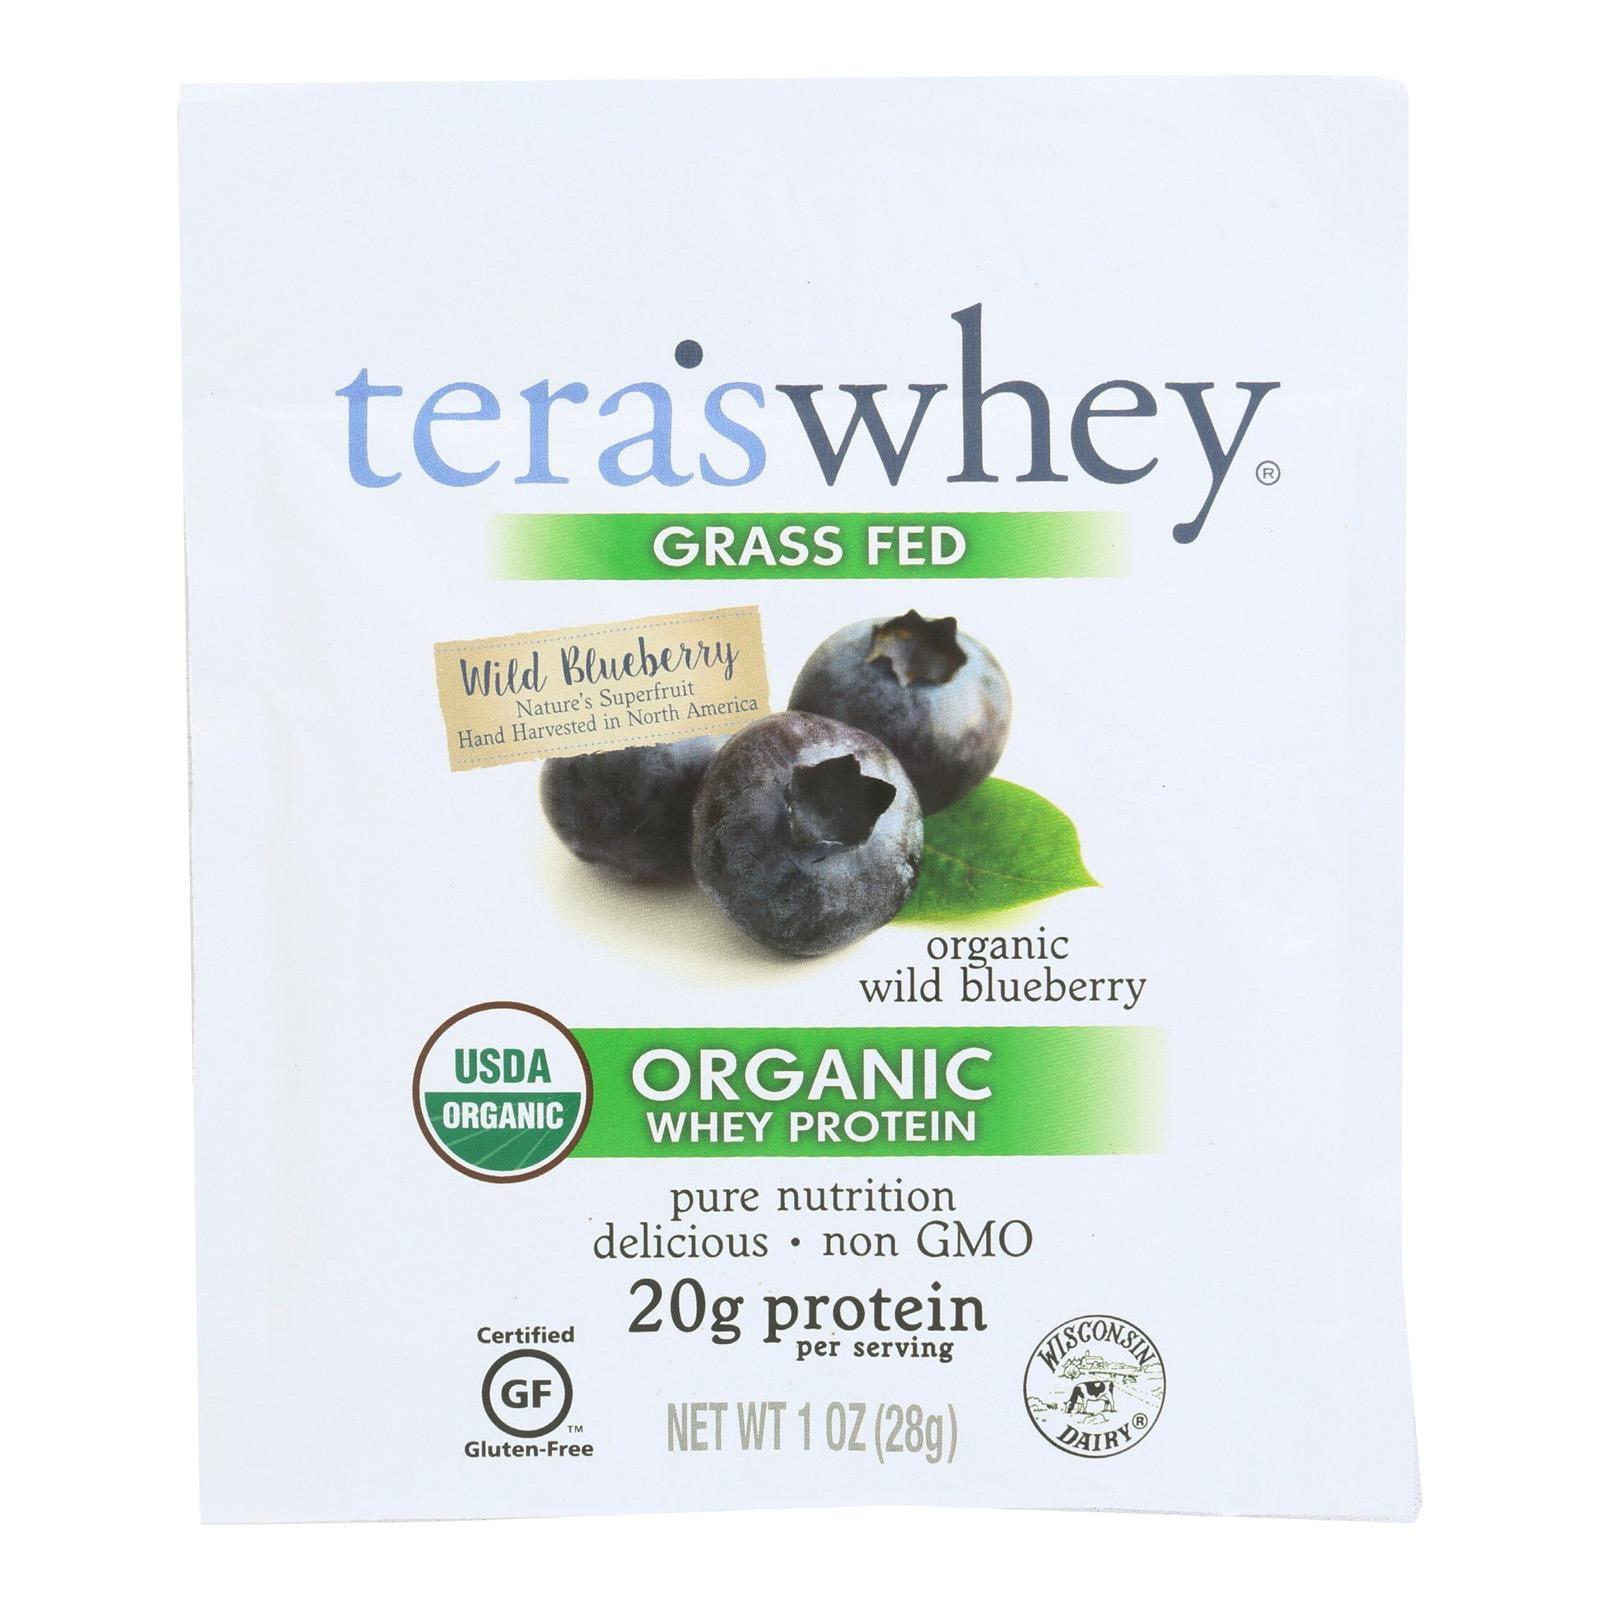 Teras Whey Protein Powder - Whey - Organic - Wild Blueberry - 1 Oz - Pack of 12